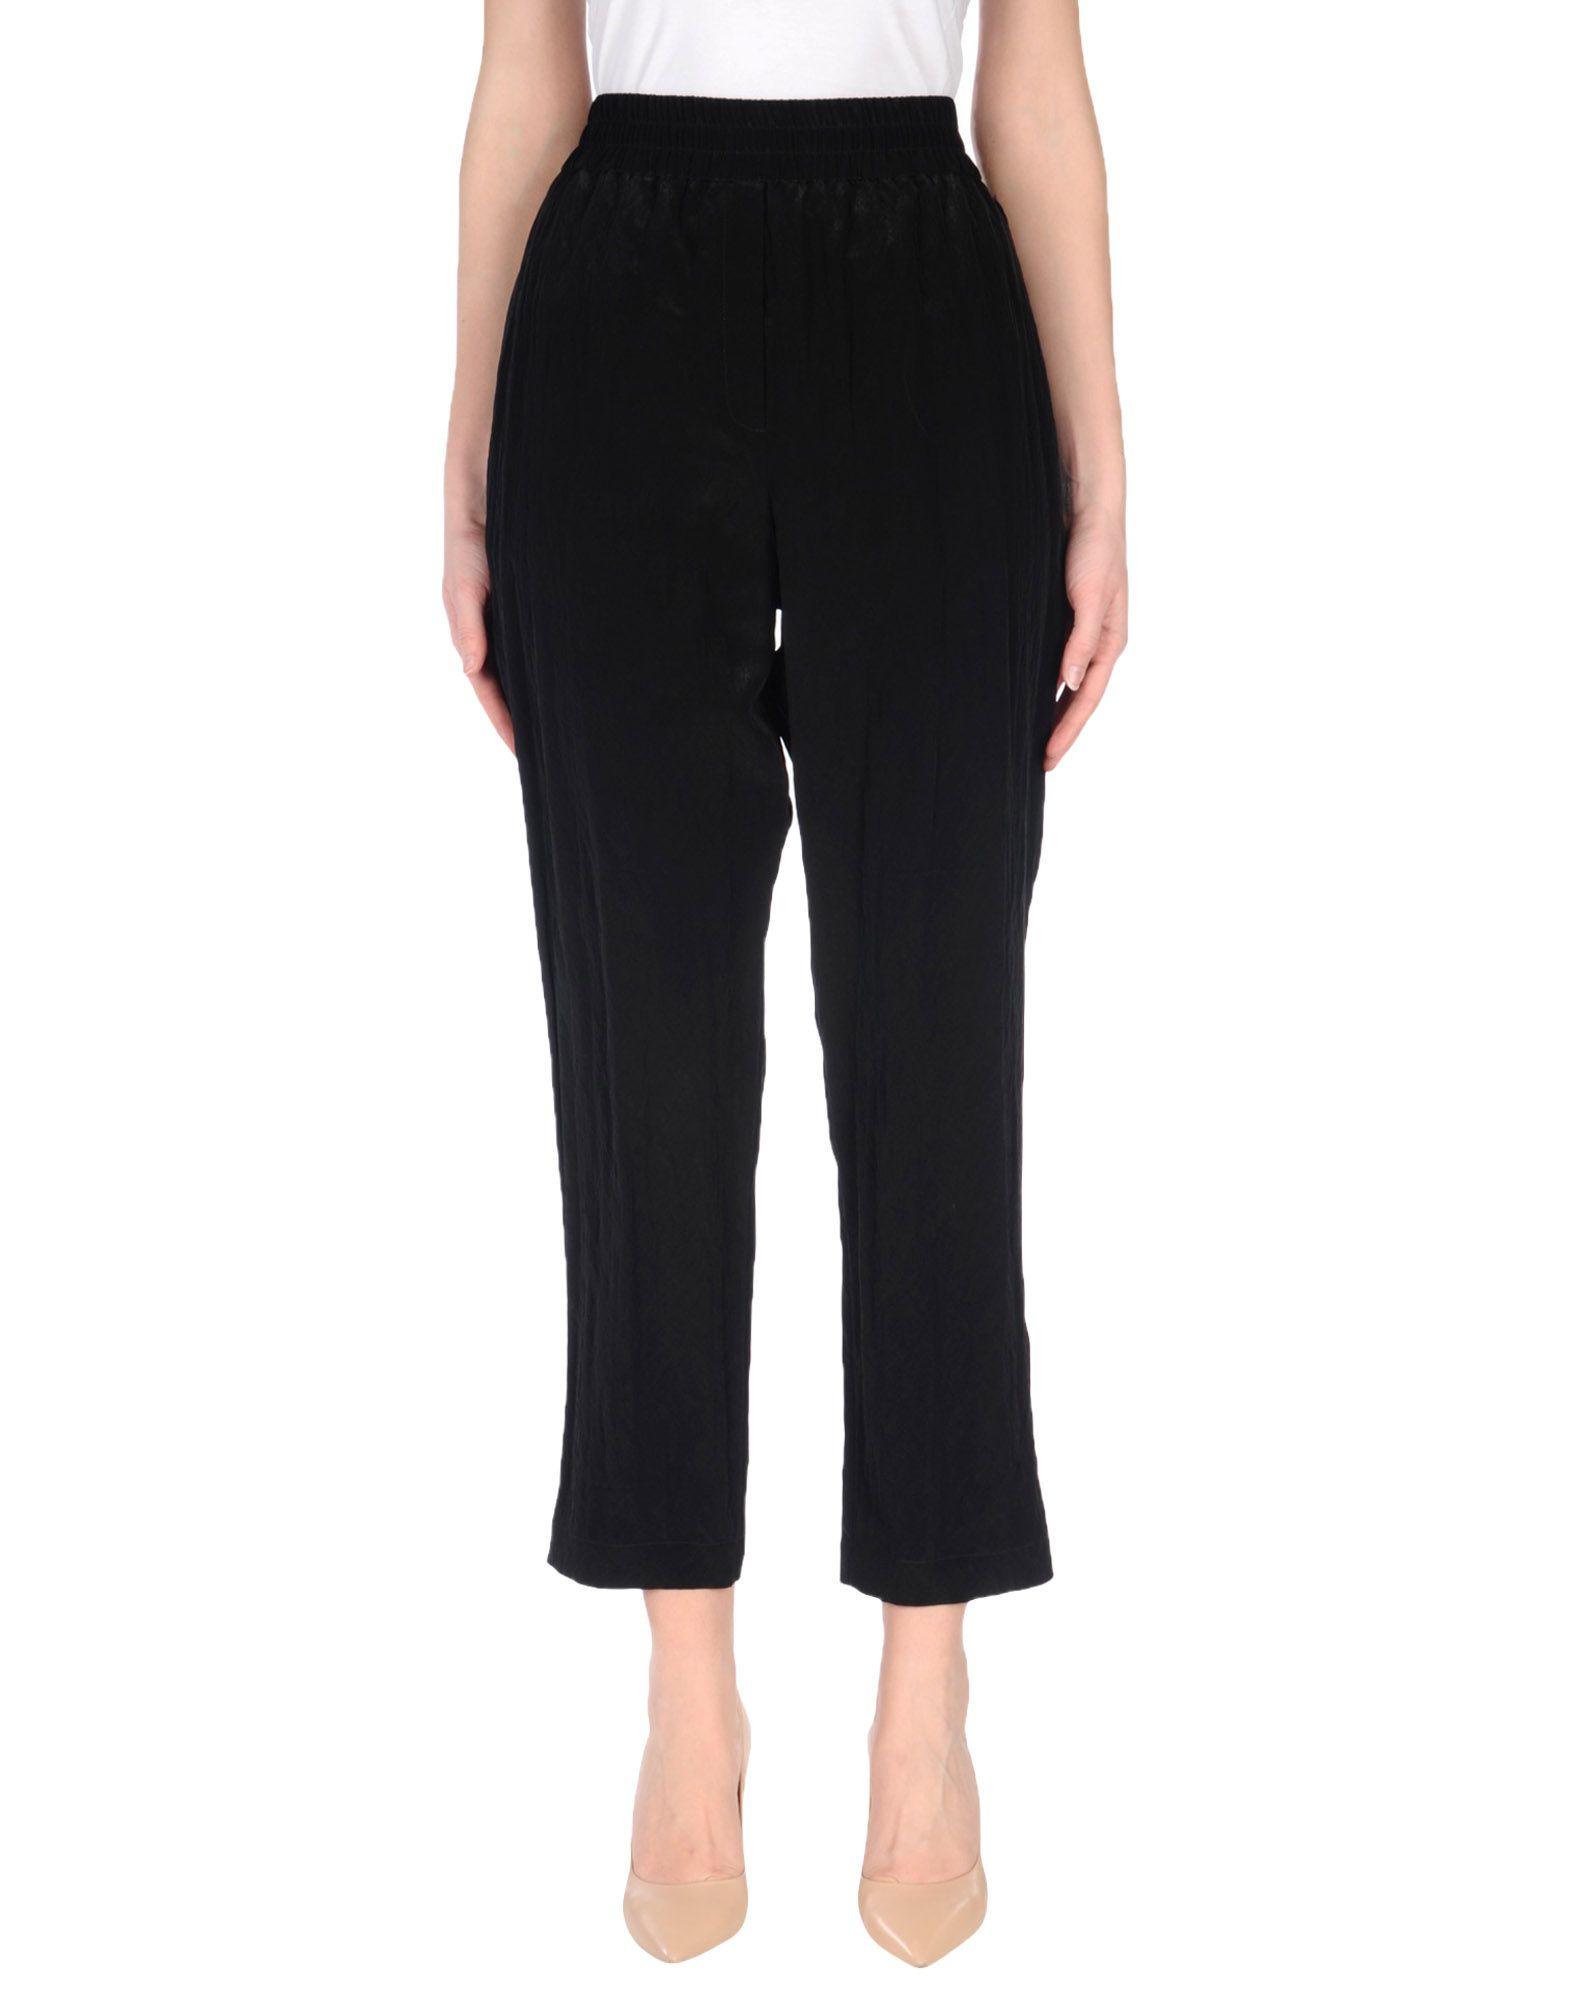 CHRISTIAN WIJNANTS Damen Hose Farbe Schwarz Größe 7 - broschei